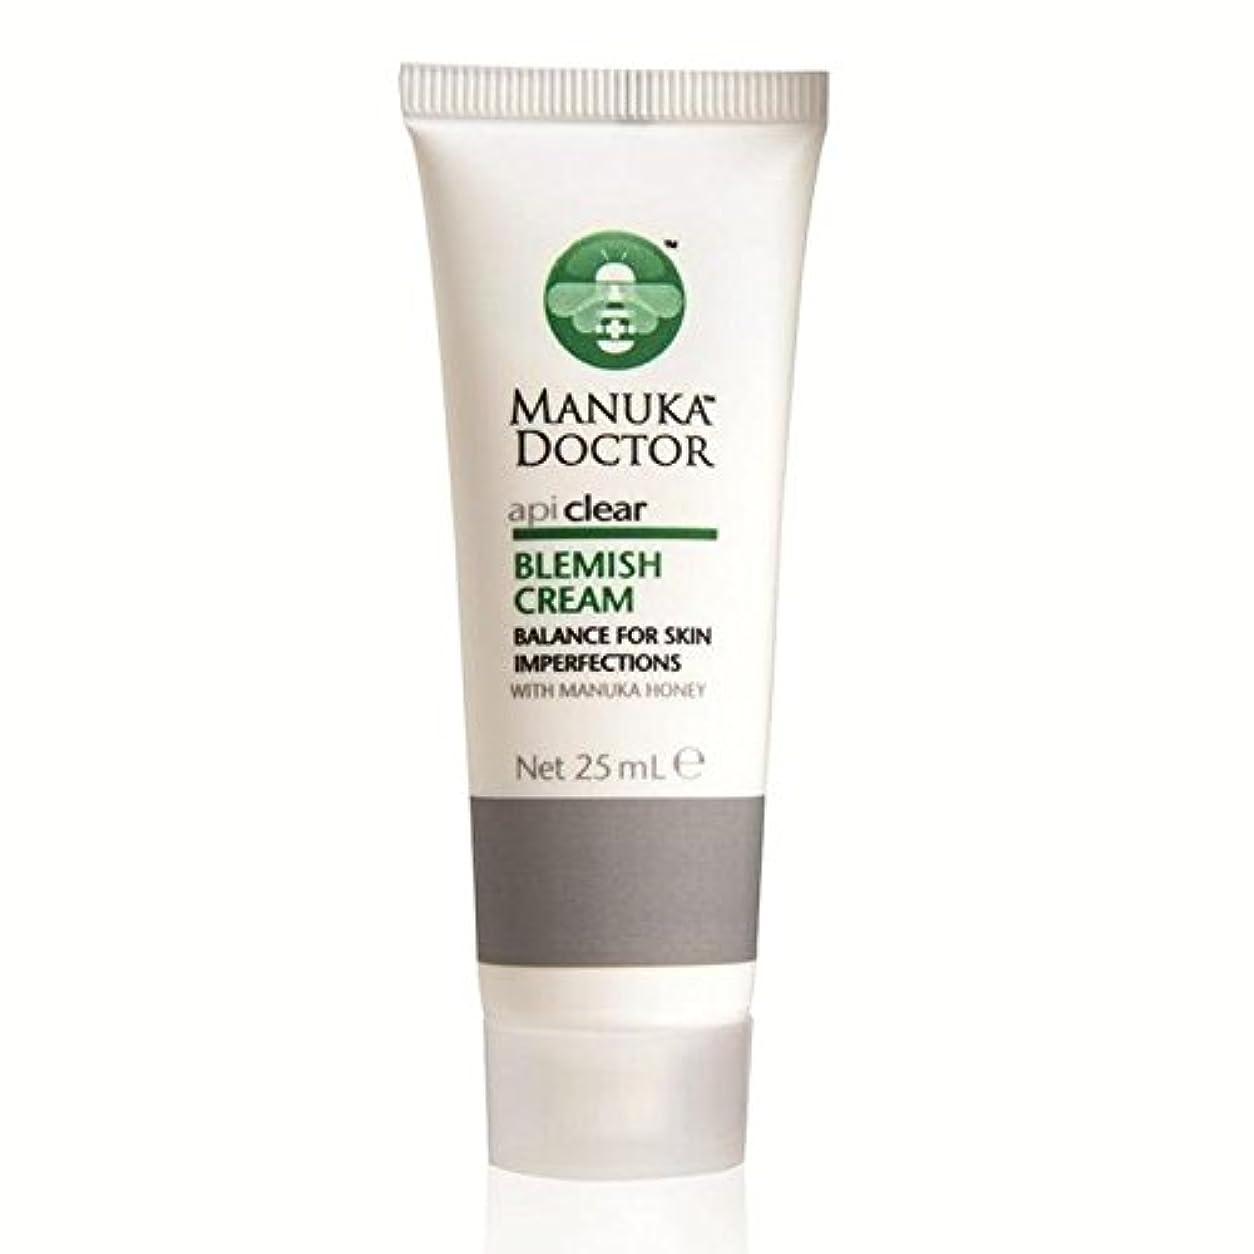 市の中心部非アクティブディレイマヌカドクター明確な傷クリーム25ミリリットル x2 - Manuka Doctor Api Clear Blemish Cream 25ml (Pack of 2) [並行輸入品]